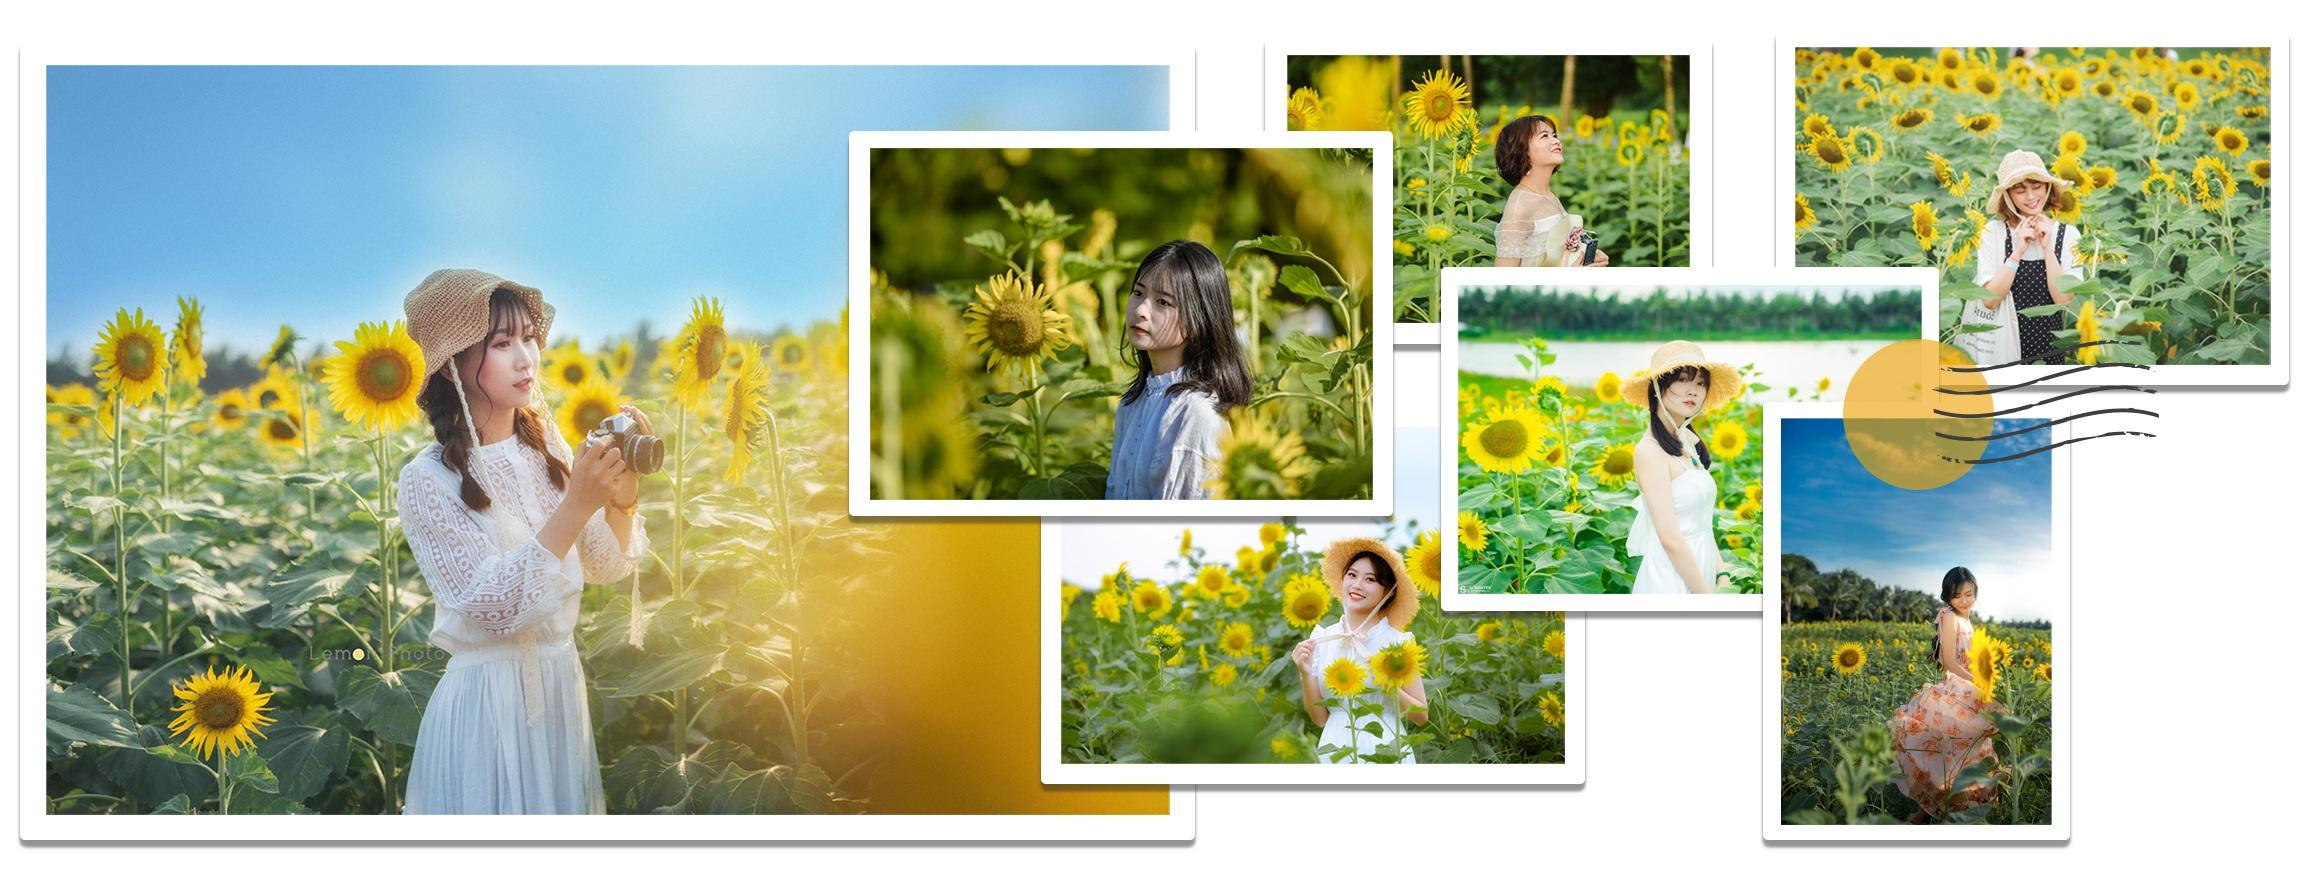 Ngắm cánh đồng hoa hướng dương rực rỡ, trải thảm vàng trong KĐT Ecopark - 4